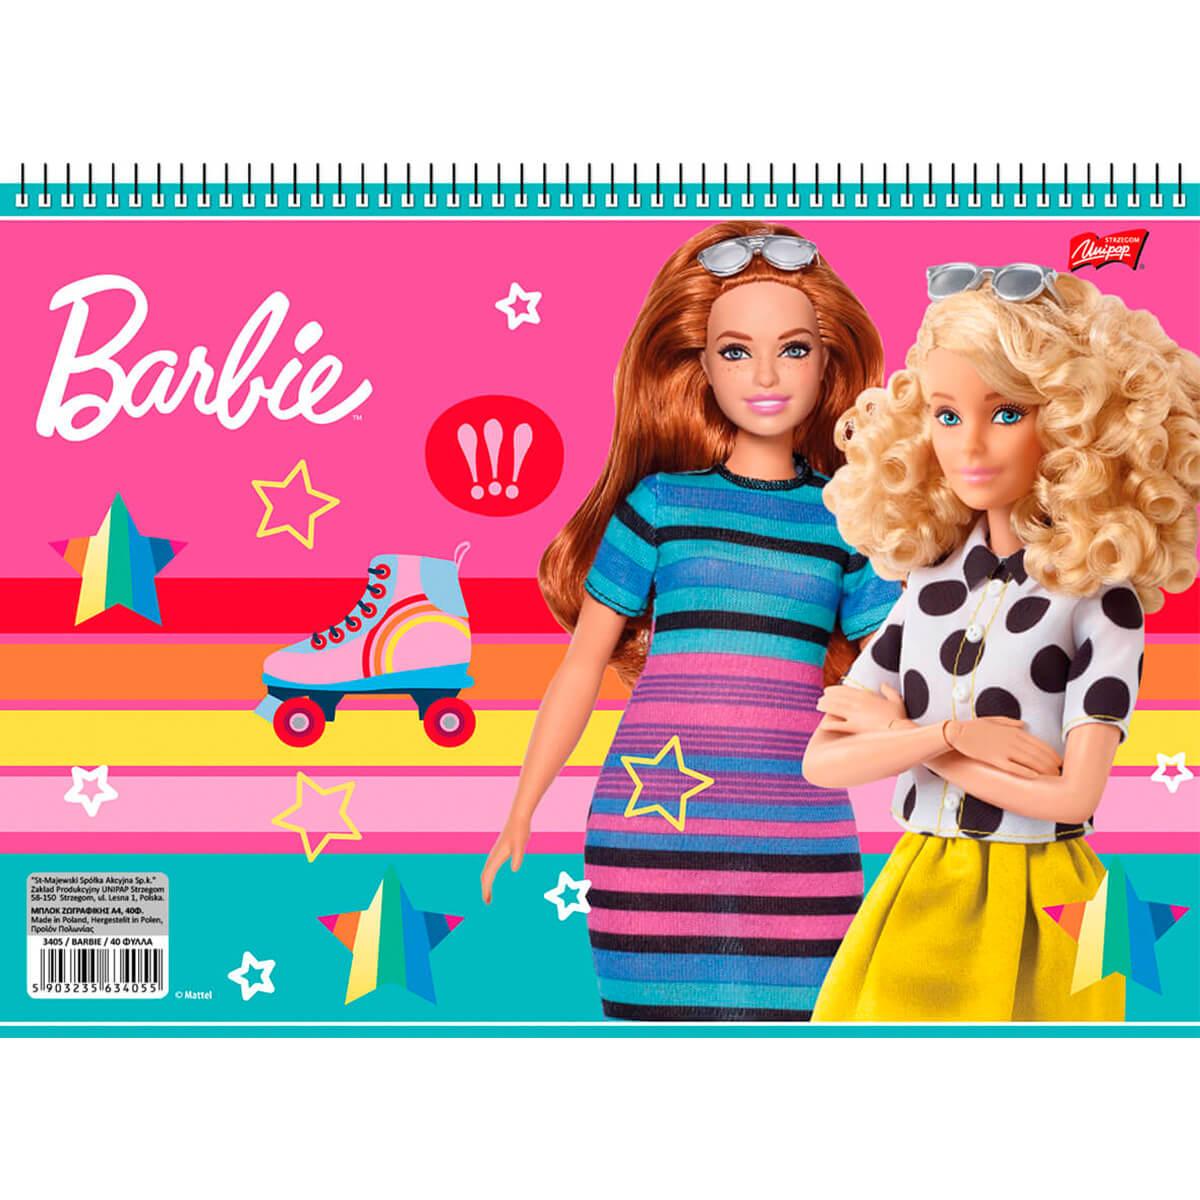 Μπλοκ ζωγραφικής Barbie N.19 40Φ 21Χ30 εκ. SALKO (3405)